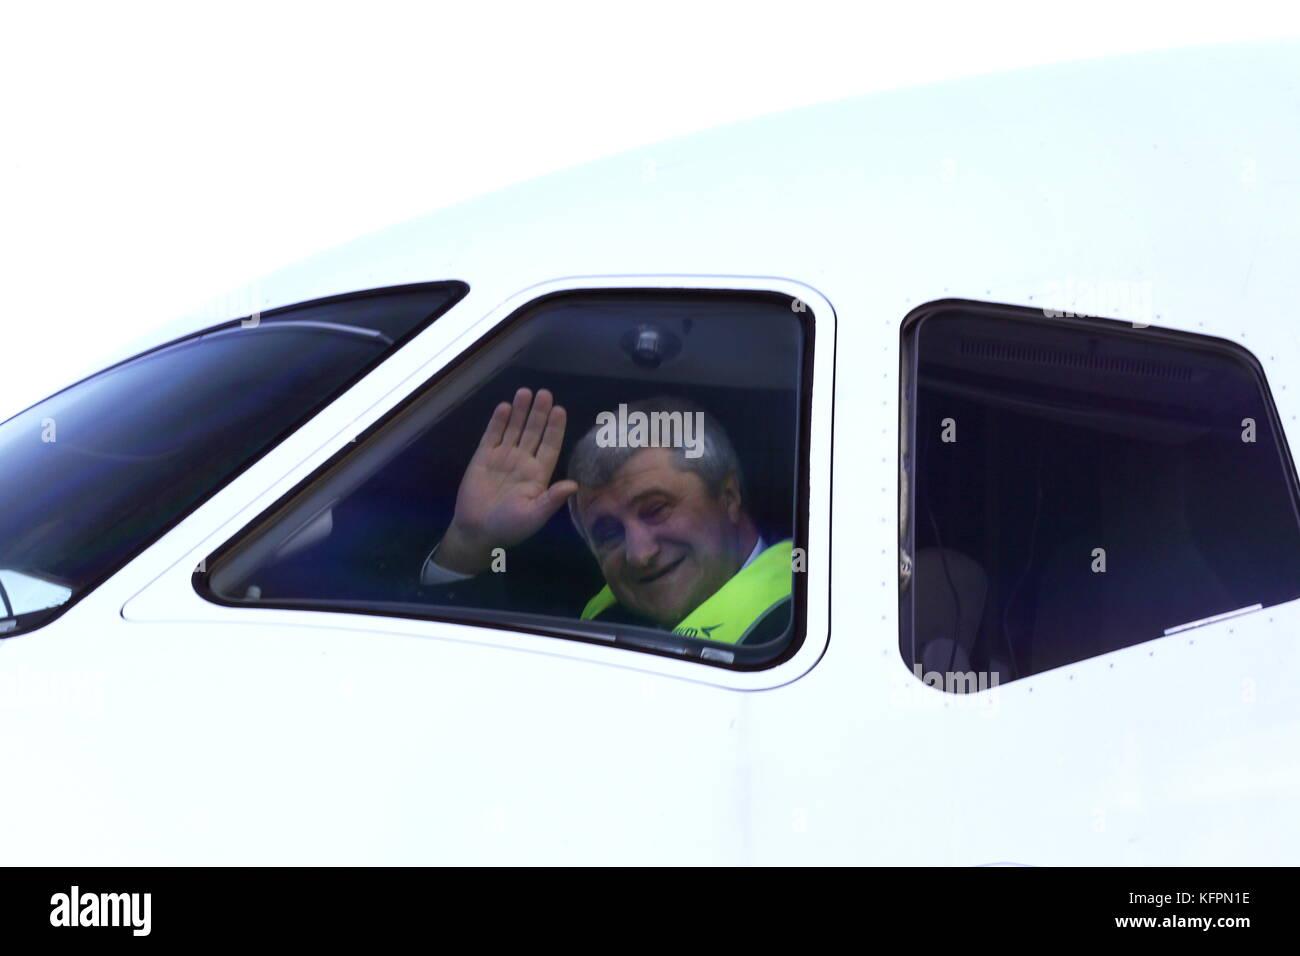 Rostow-am-Don, Russland - 31. Oktober 2017: Azimut Airline Crew Kommandant Juri deyev im Cockpit eines Sukhoi Superjet 100 (SSJ-100) Passagierflugzeug vor einem Flug am Flughafen der Stadt. azimuth ist eine Passage Airline für die südlichen und zentralen Russland; ab Dezember 2017 wird es Neue platov Airport in der Nähe von Rostow-am-Don. Valery matytsin/Tass Stockfoto